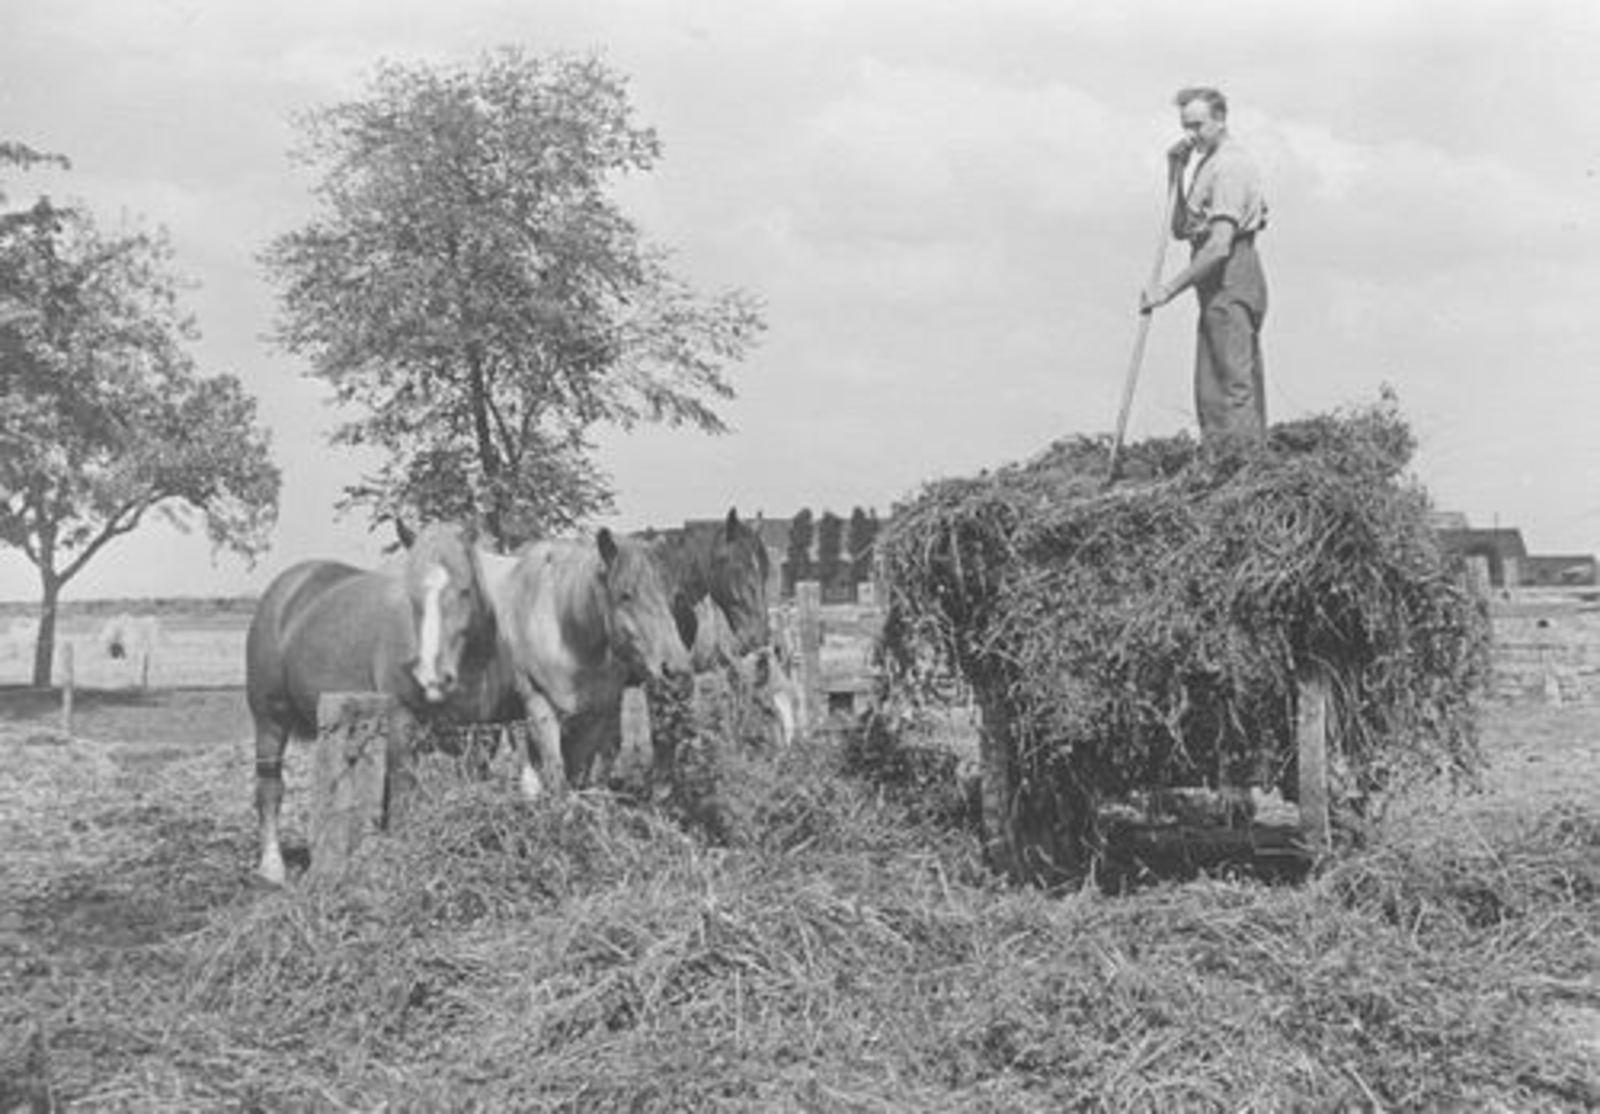 Koeckhoven Frans 1913 1945 08 Voert de Paarden